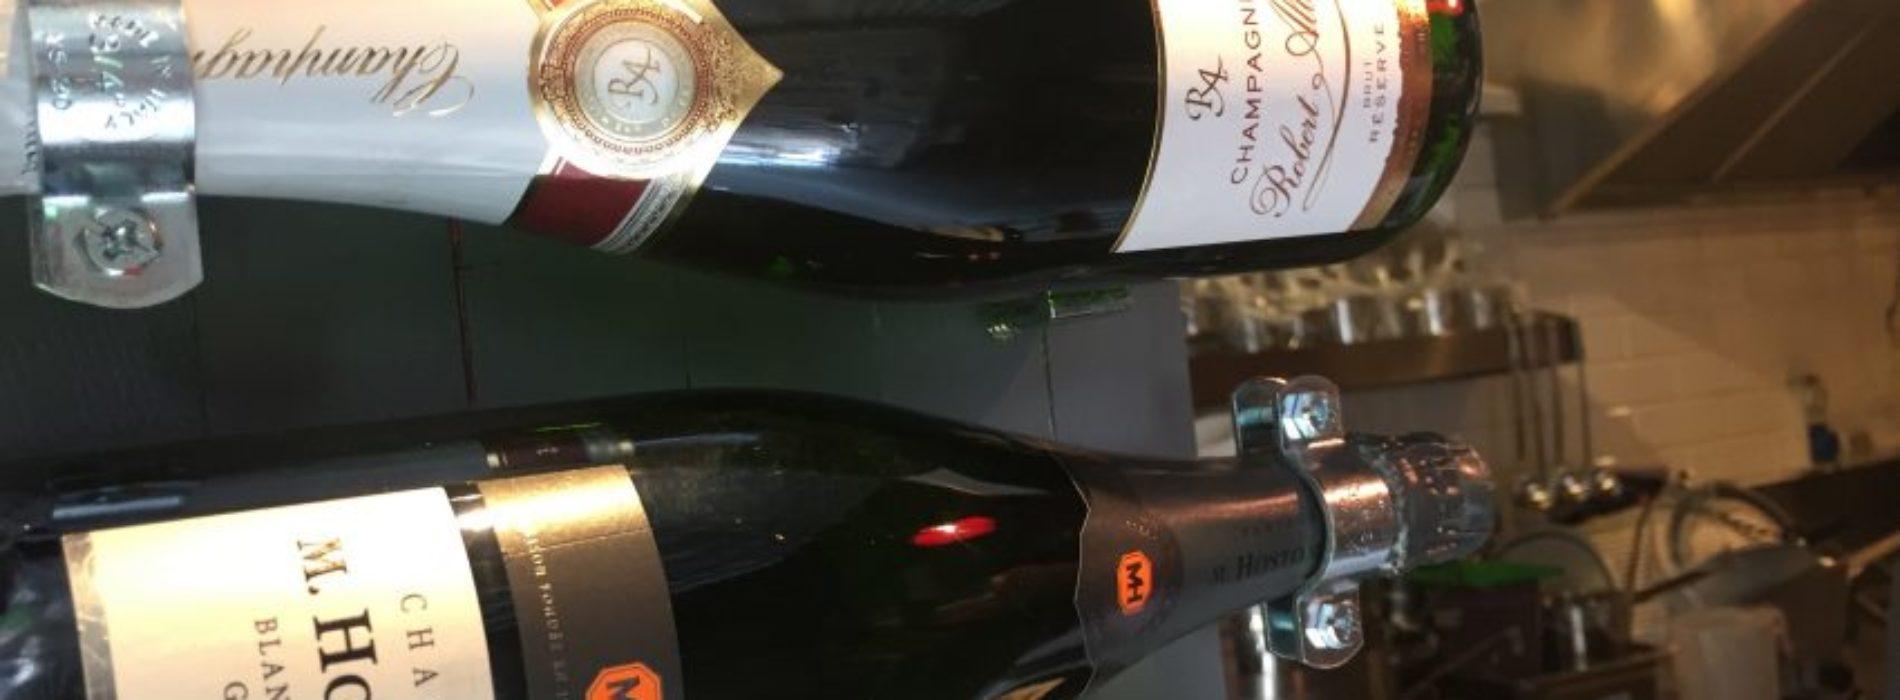 La carta dei vini di Eggs Roma, la fatica (e la gioia) di bere bene